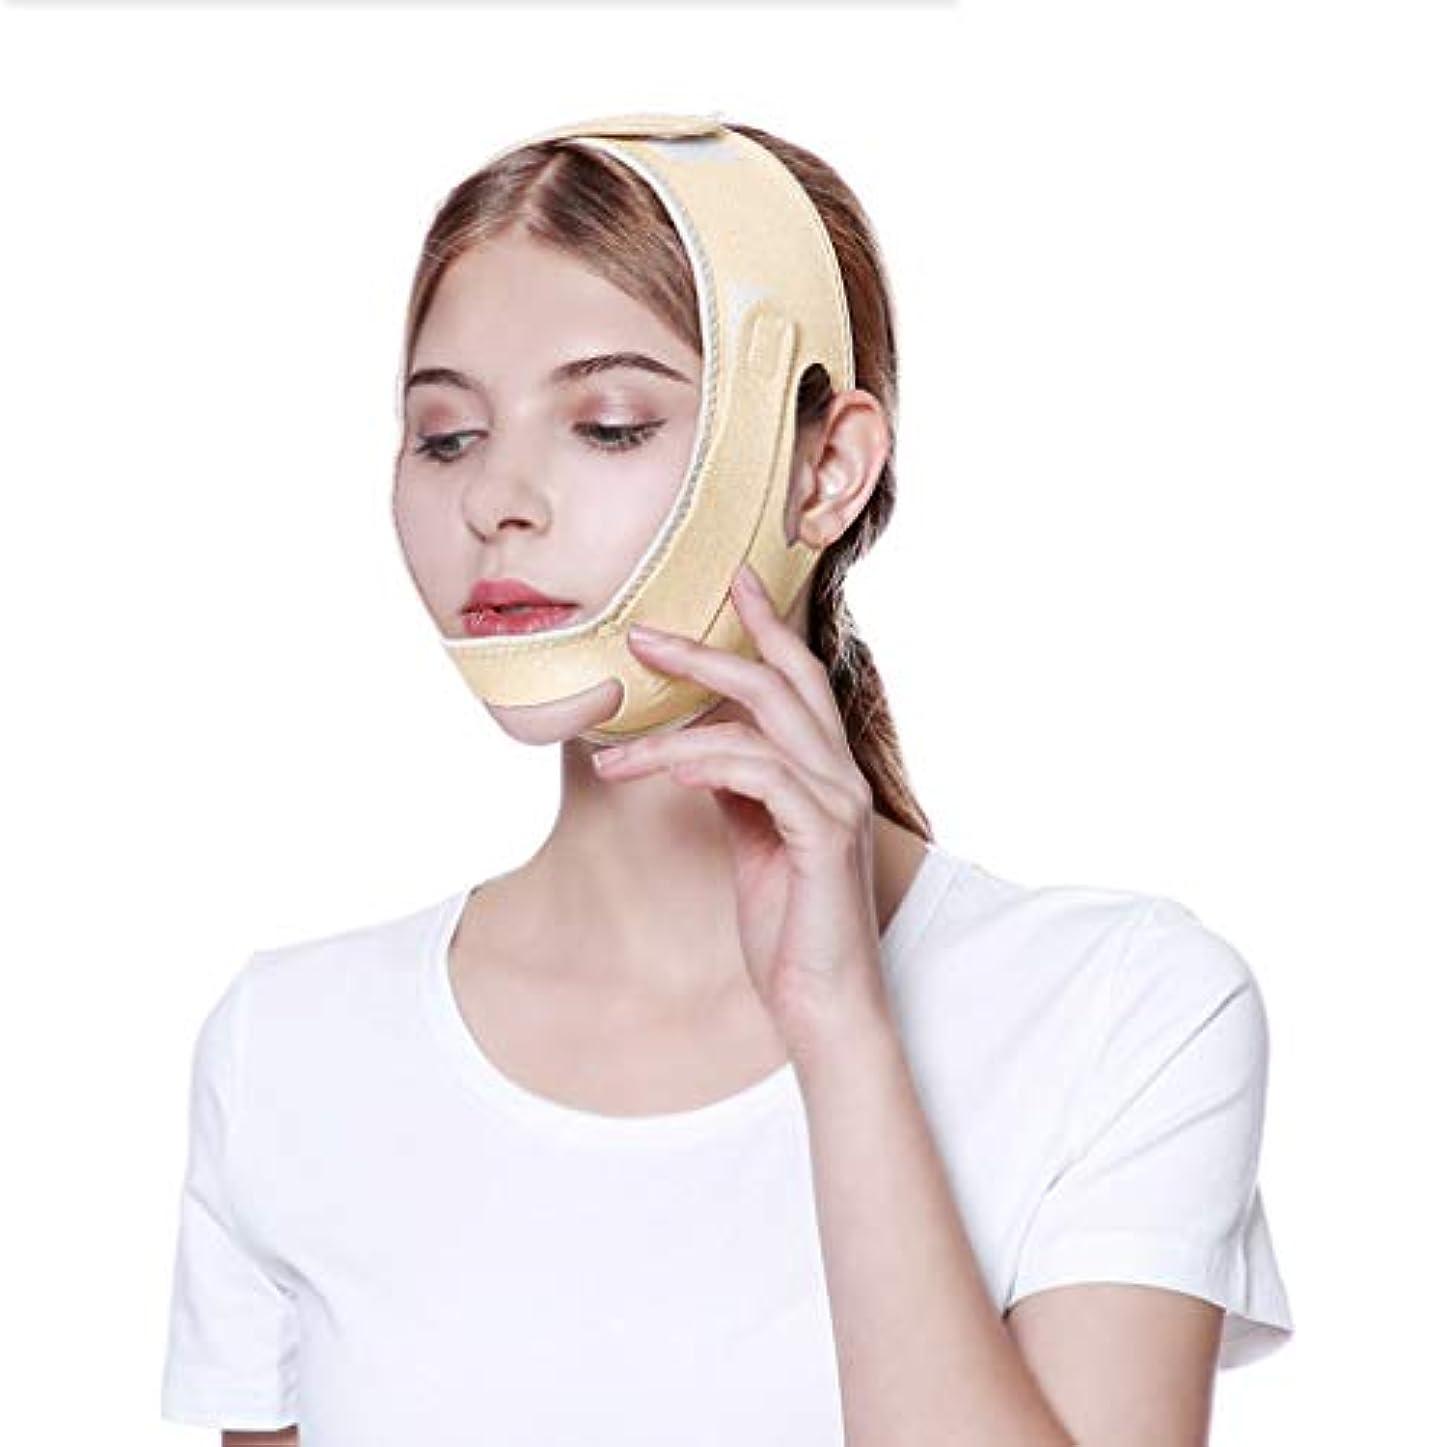 座標ペッカディロ散逸顔面重量損失顔包帯 v 顔楽器顔ツールマスクライン彫刻手術回復ヘッドギアダブルあご